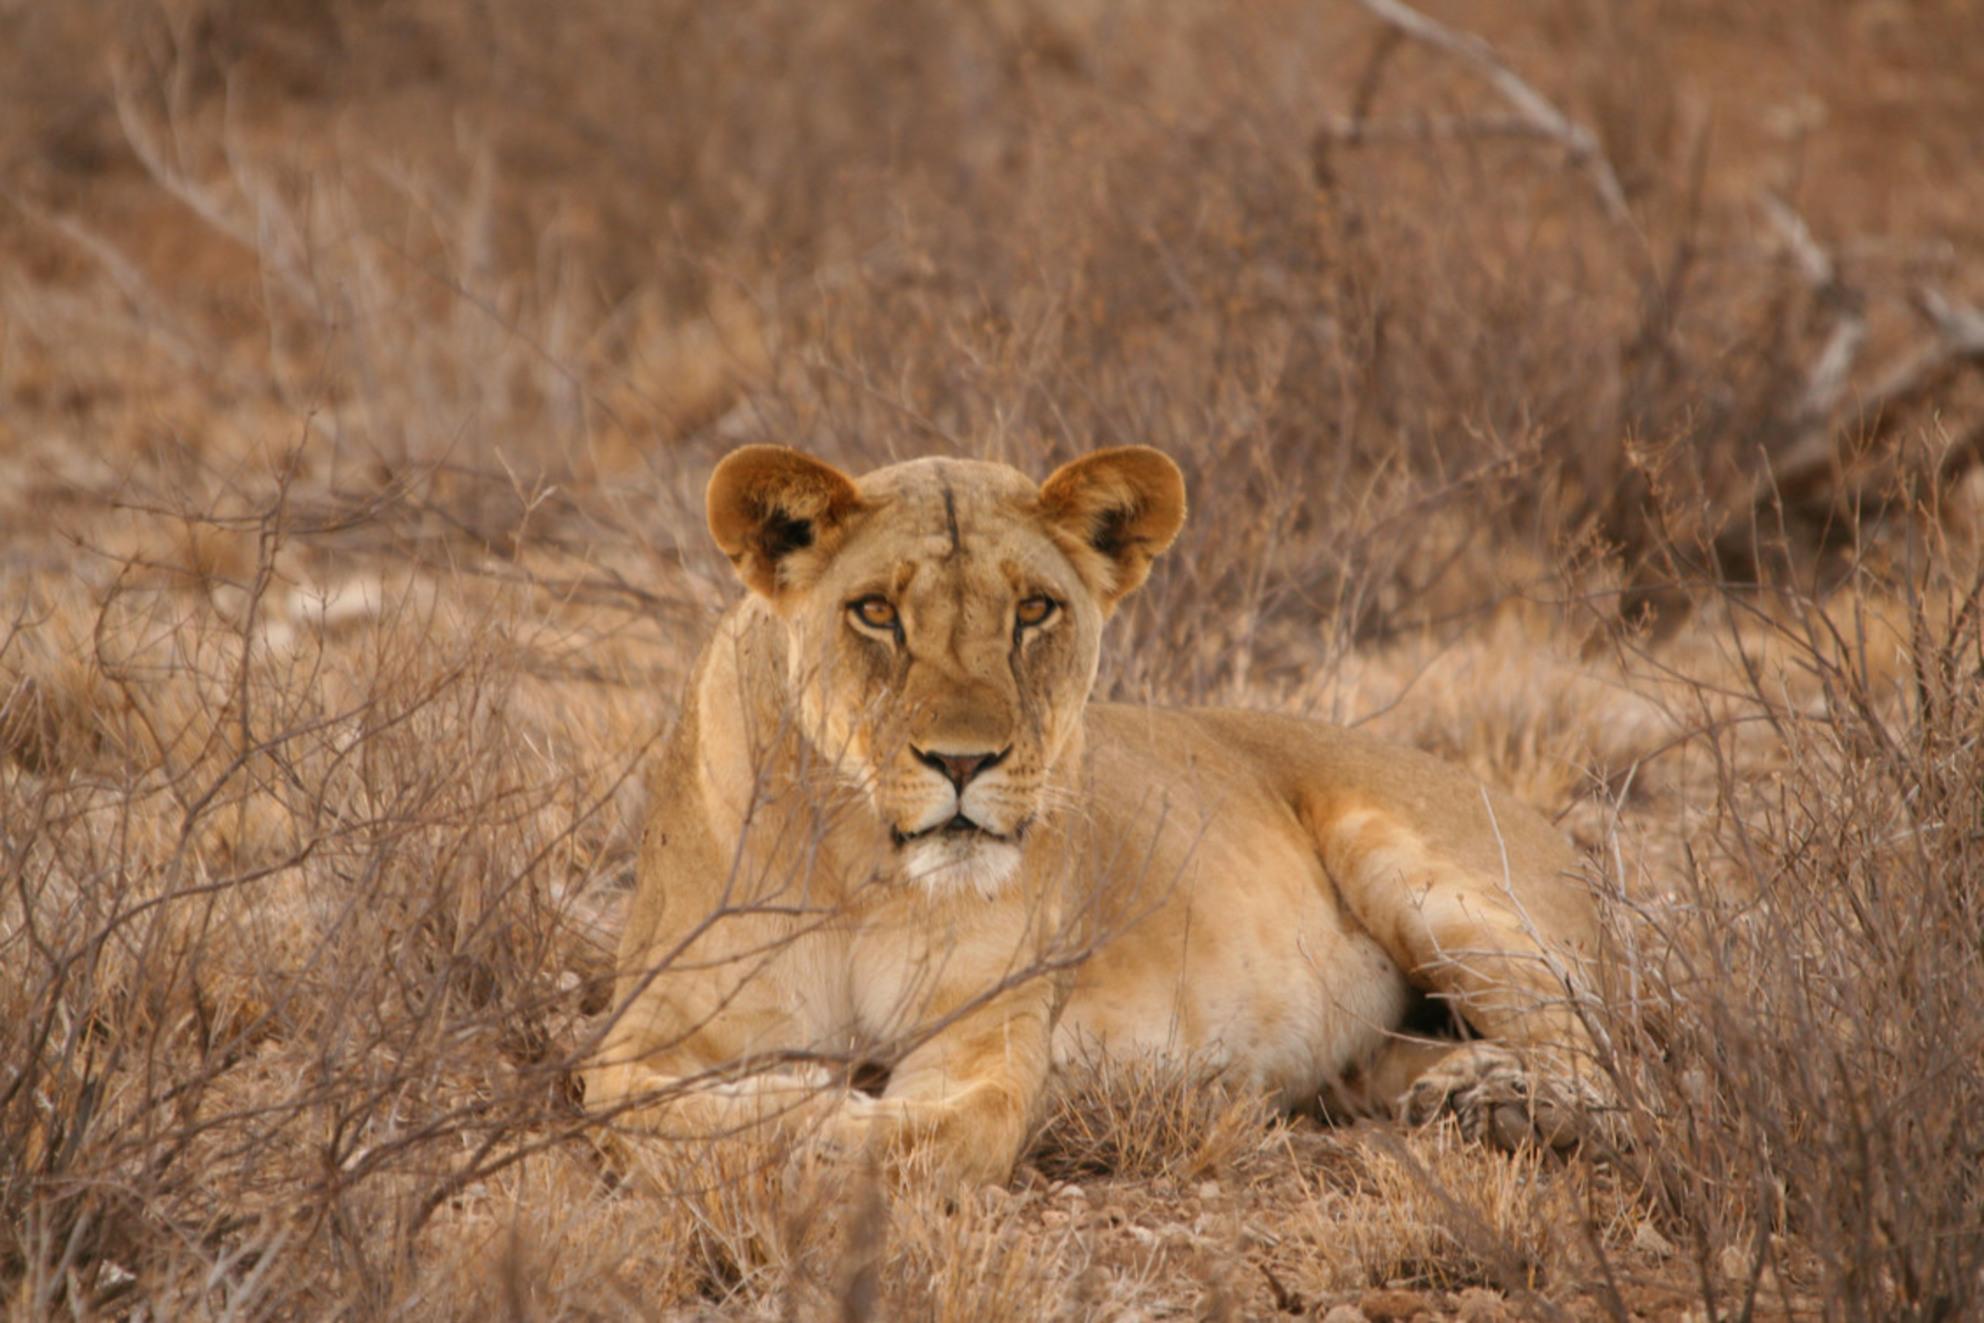 Leeuw - - - foto door marc_v_o op 19-02-2017 - deze foto bevat: safari, leeuw, afrika, wildlife